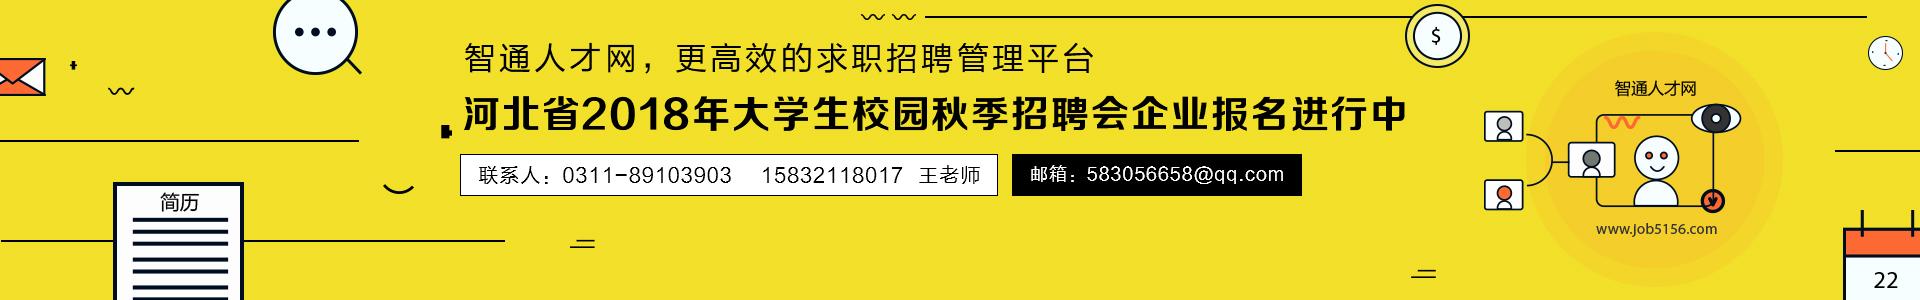 河北省2018年大學生校園秋季招聘會企業報名進行中